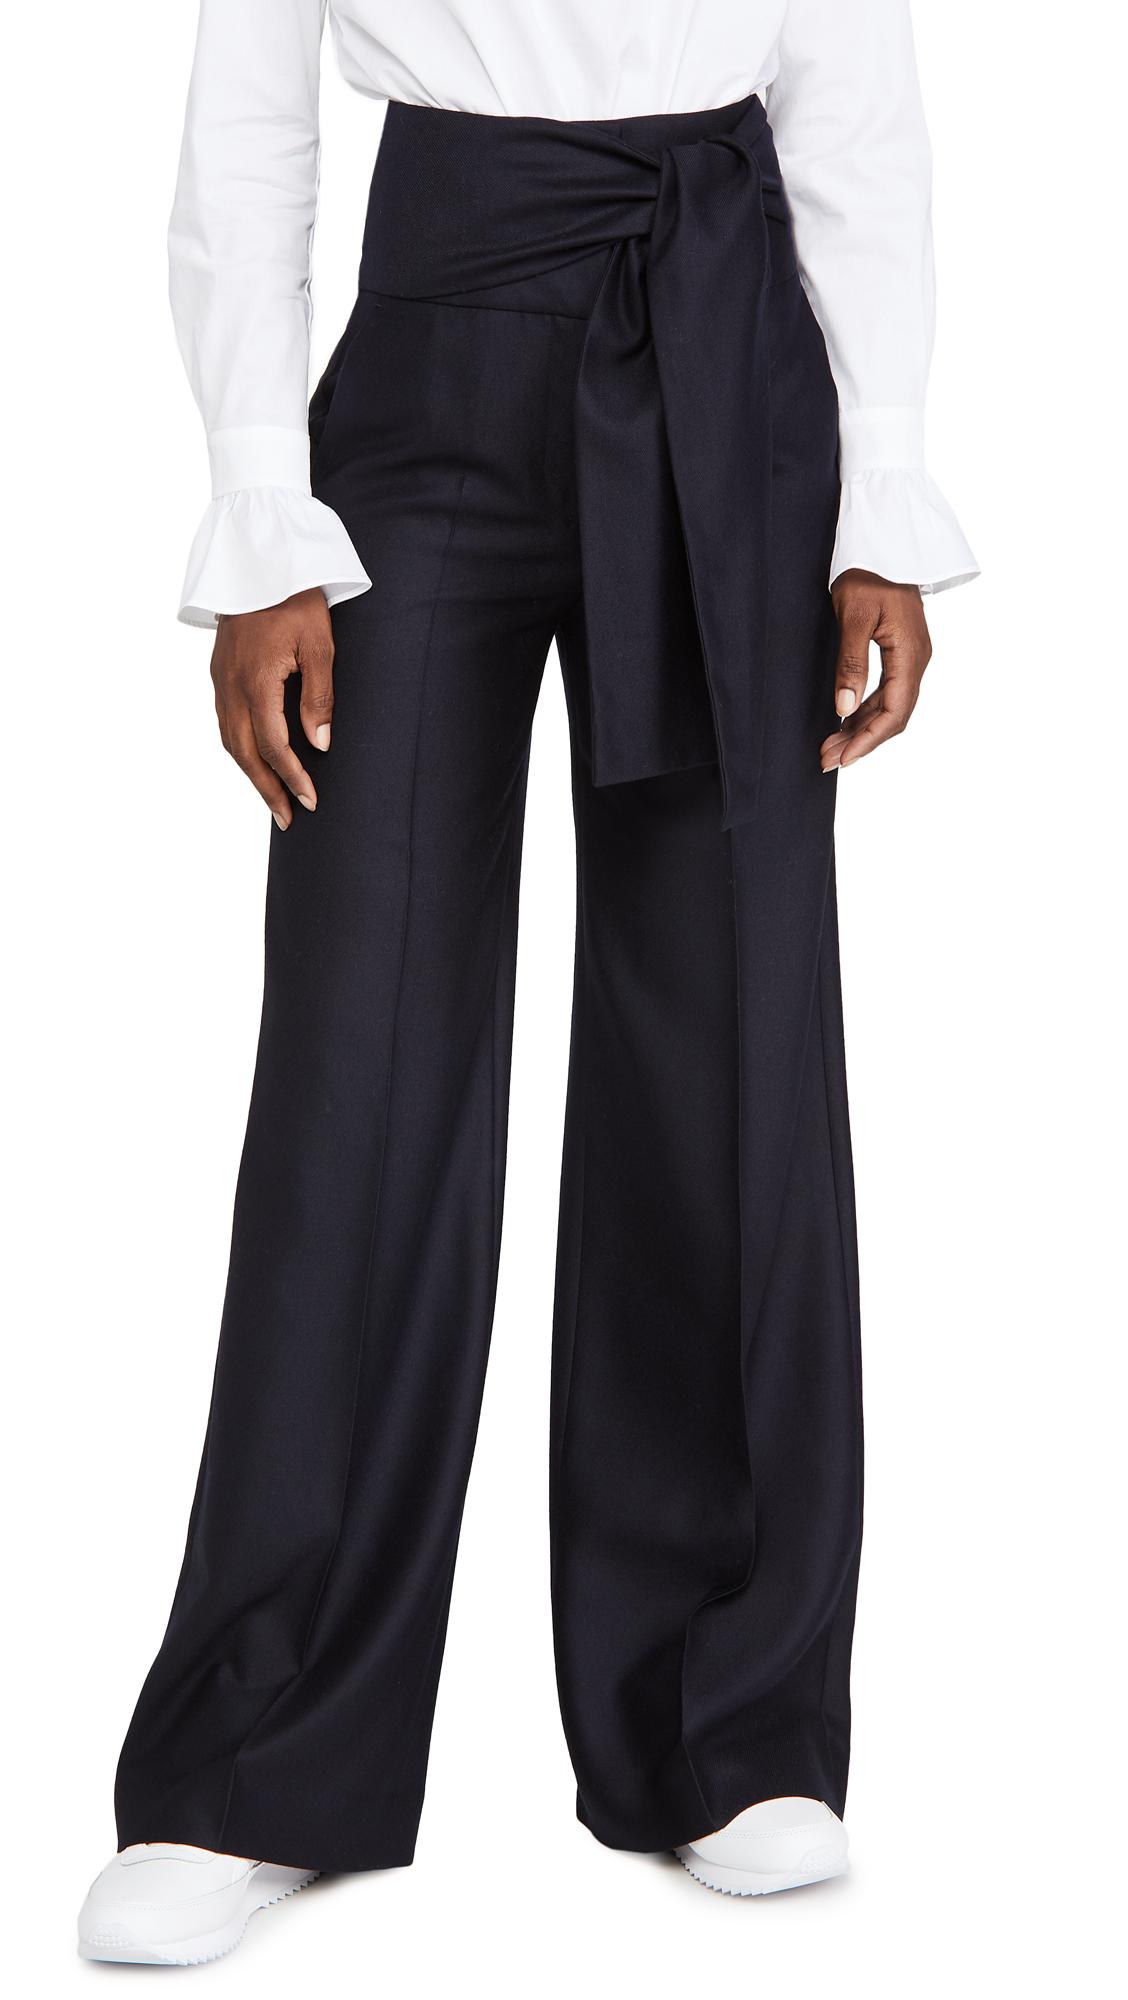 Victoria Victoria Beckham Tie Waist Trousers